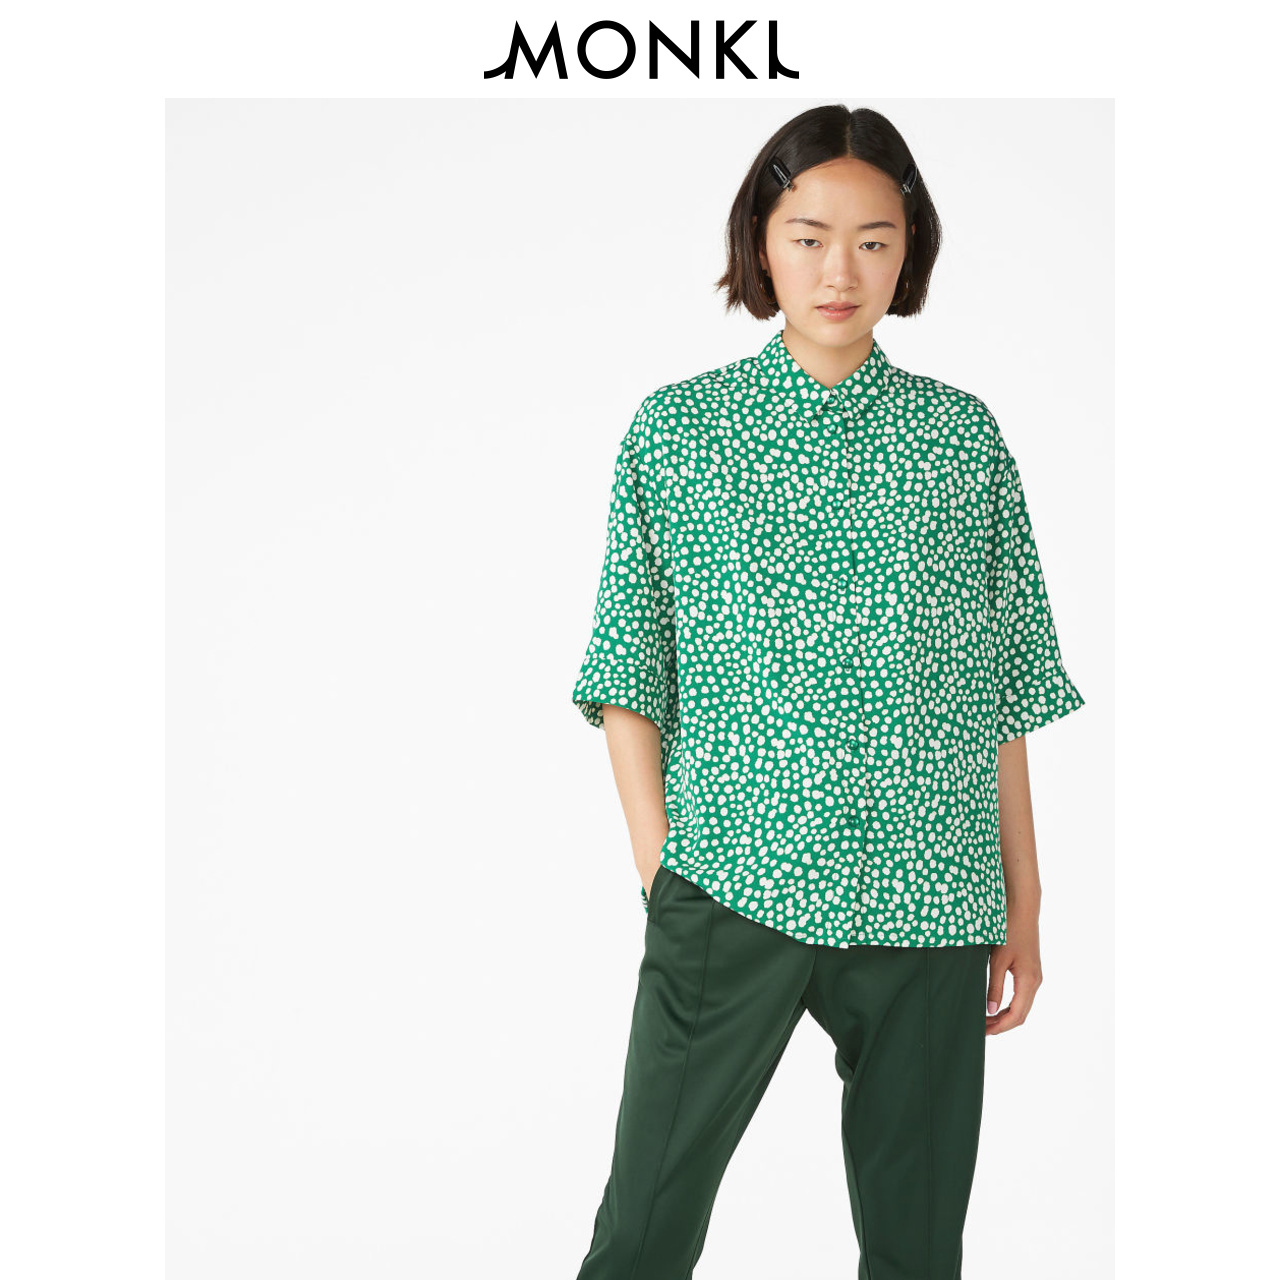 MONKI2018夏季新款经典宽松圆点碎花绿色翻领短袖衬衫女 0565209